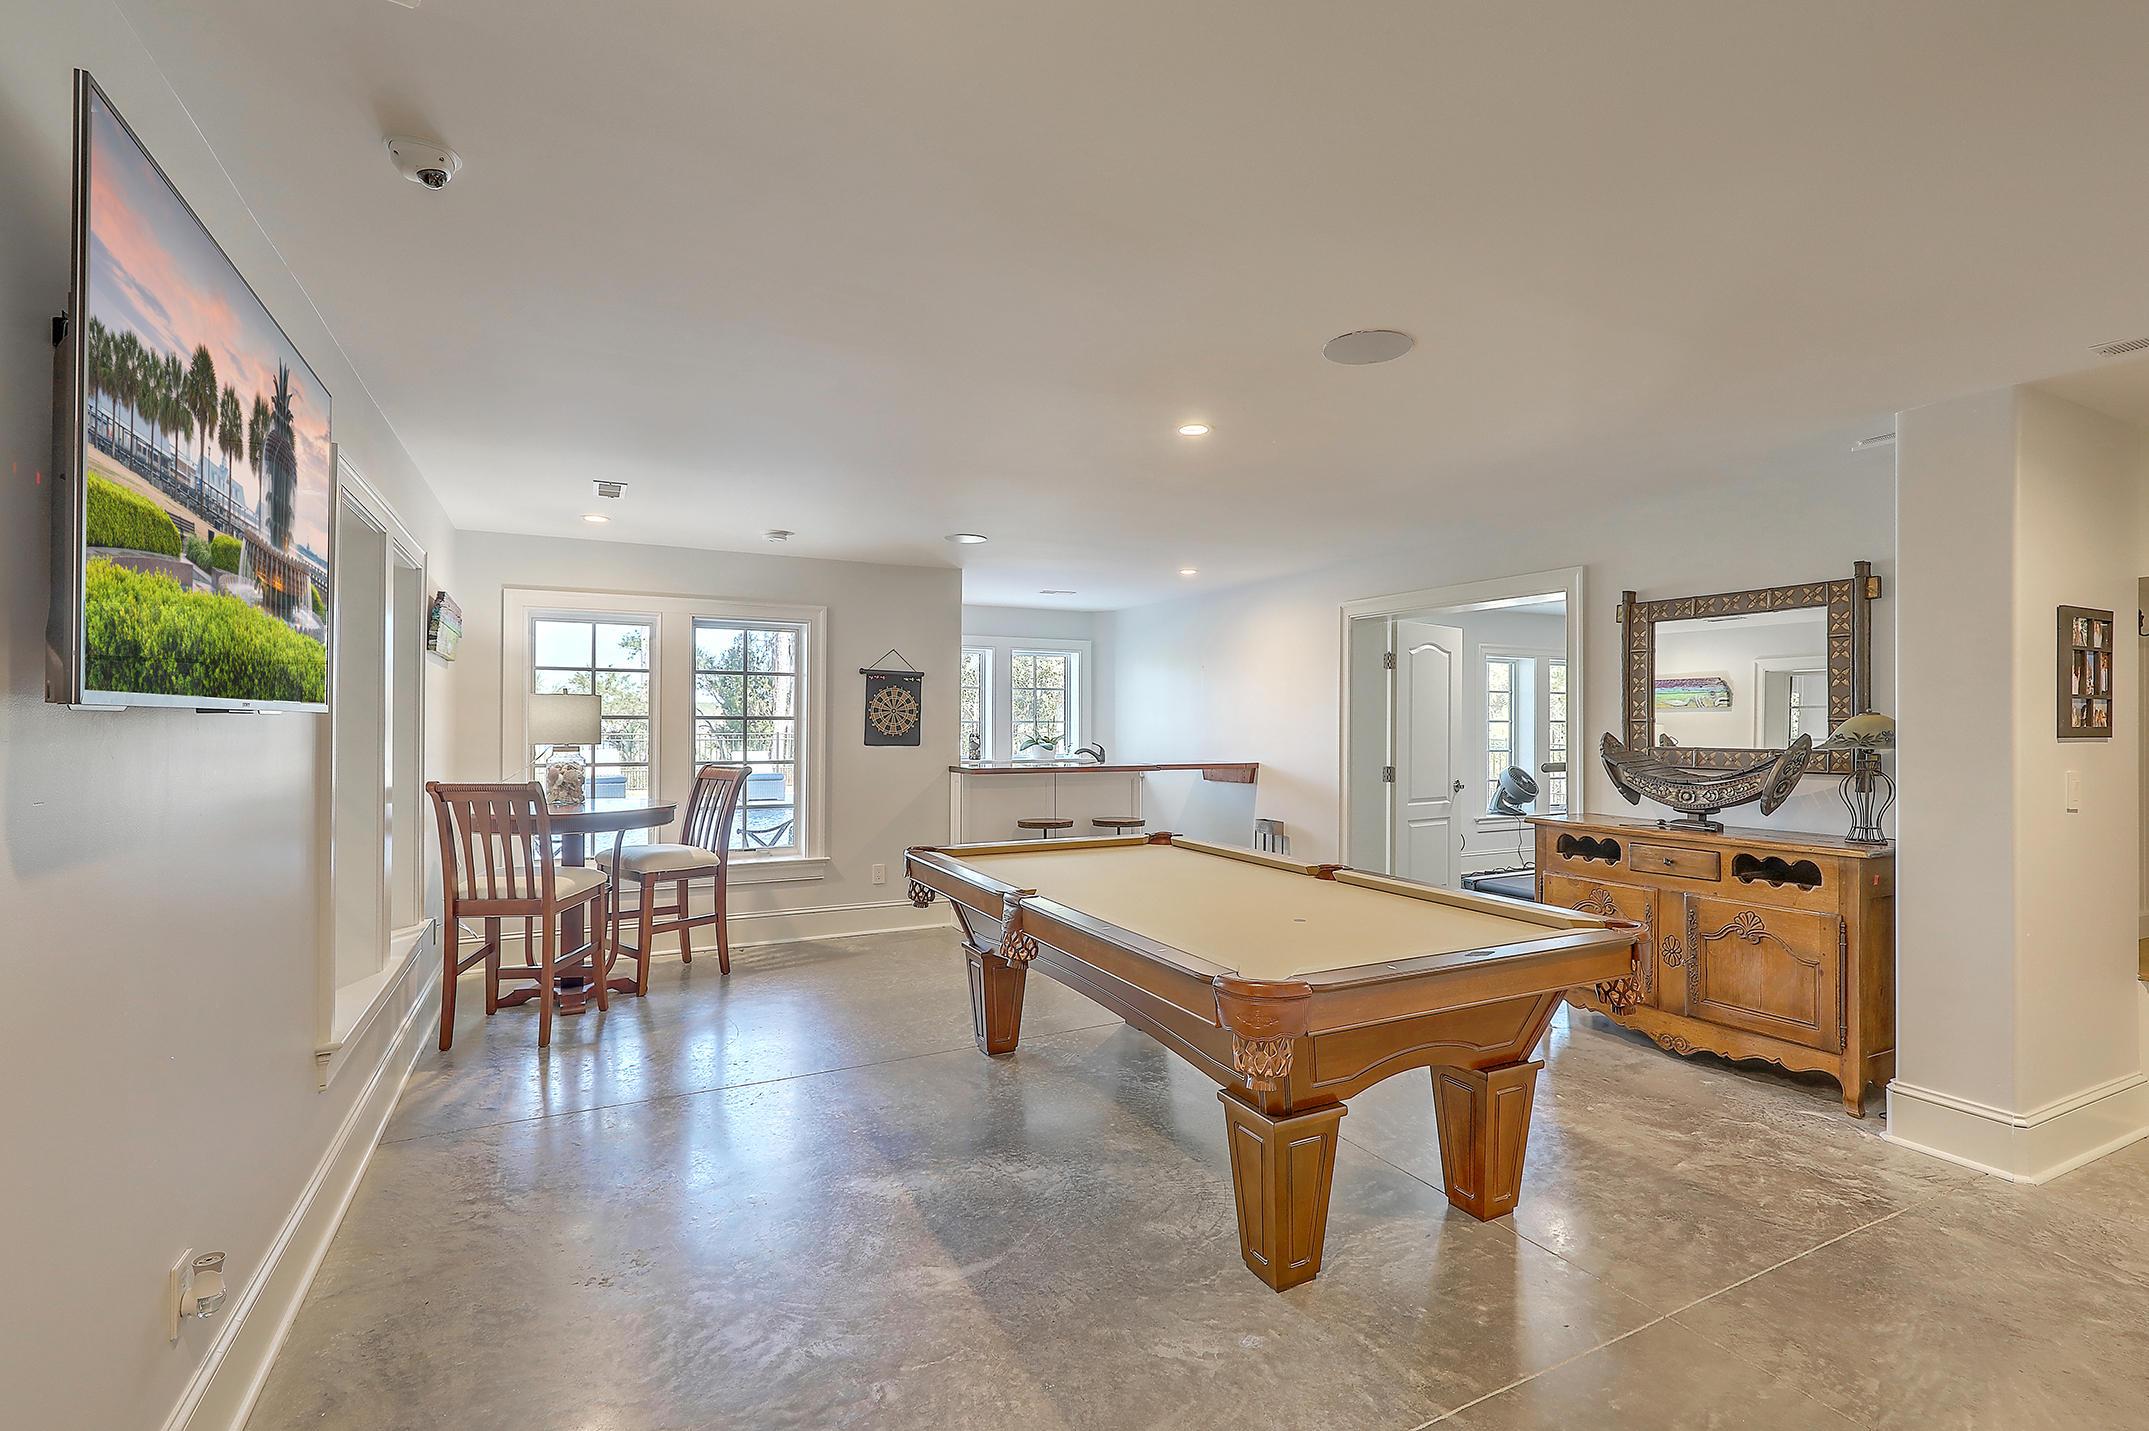 Park West Homes For Sale - 3905 Ashton Shore, Mount Pleasant, SC - 33